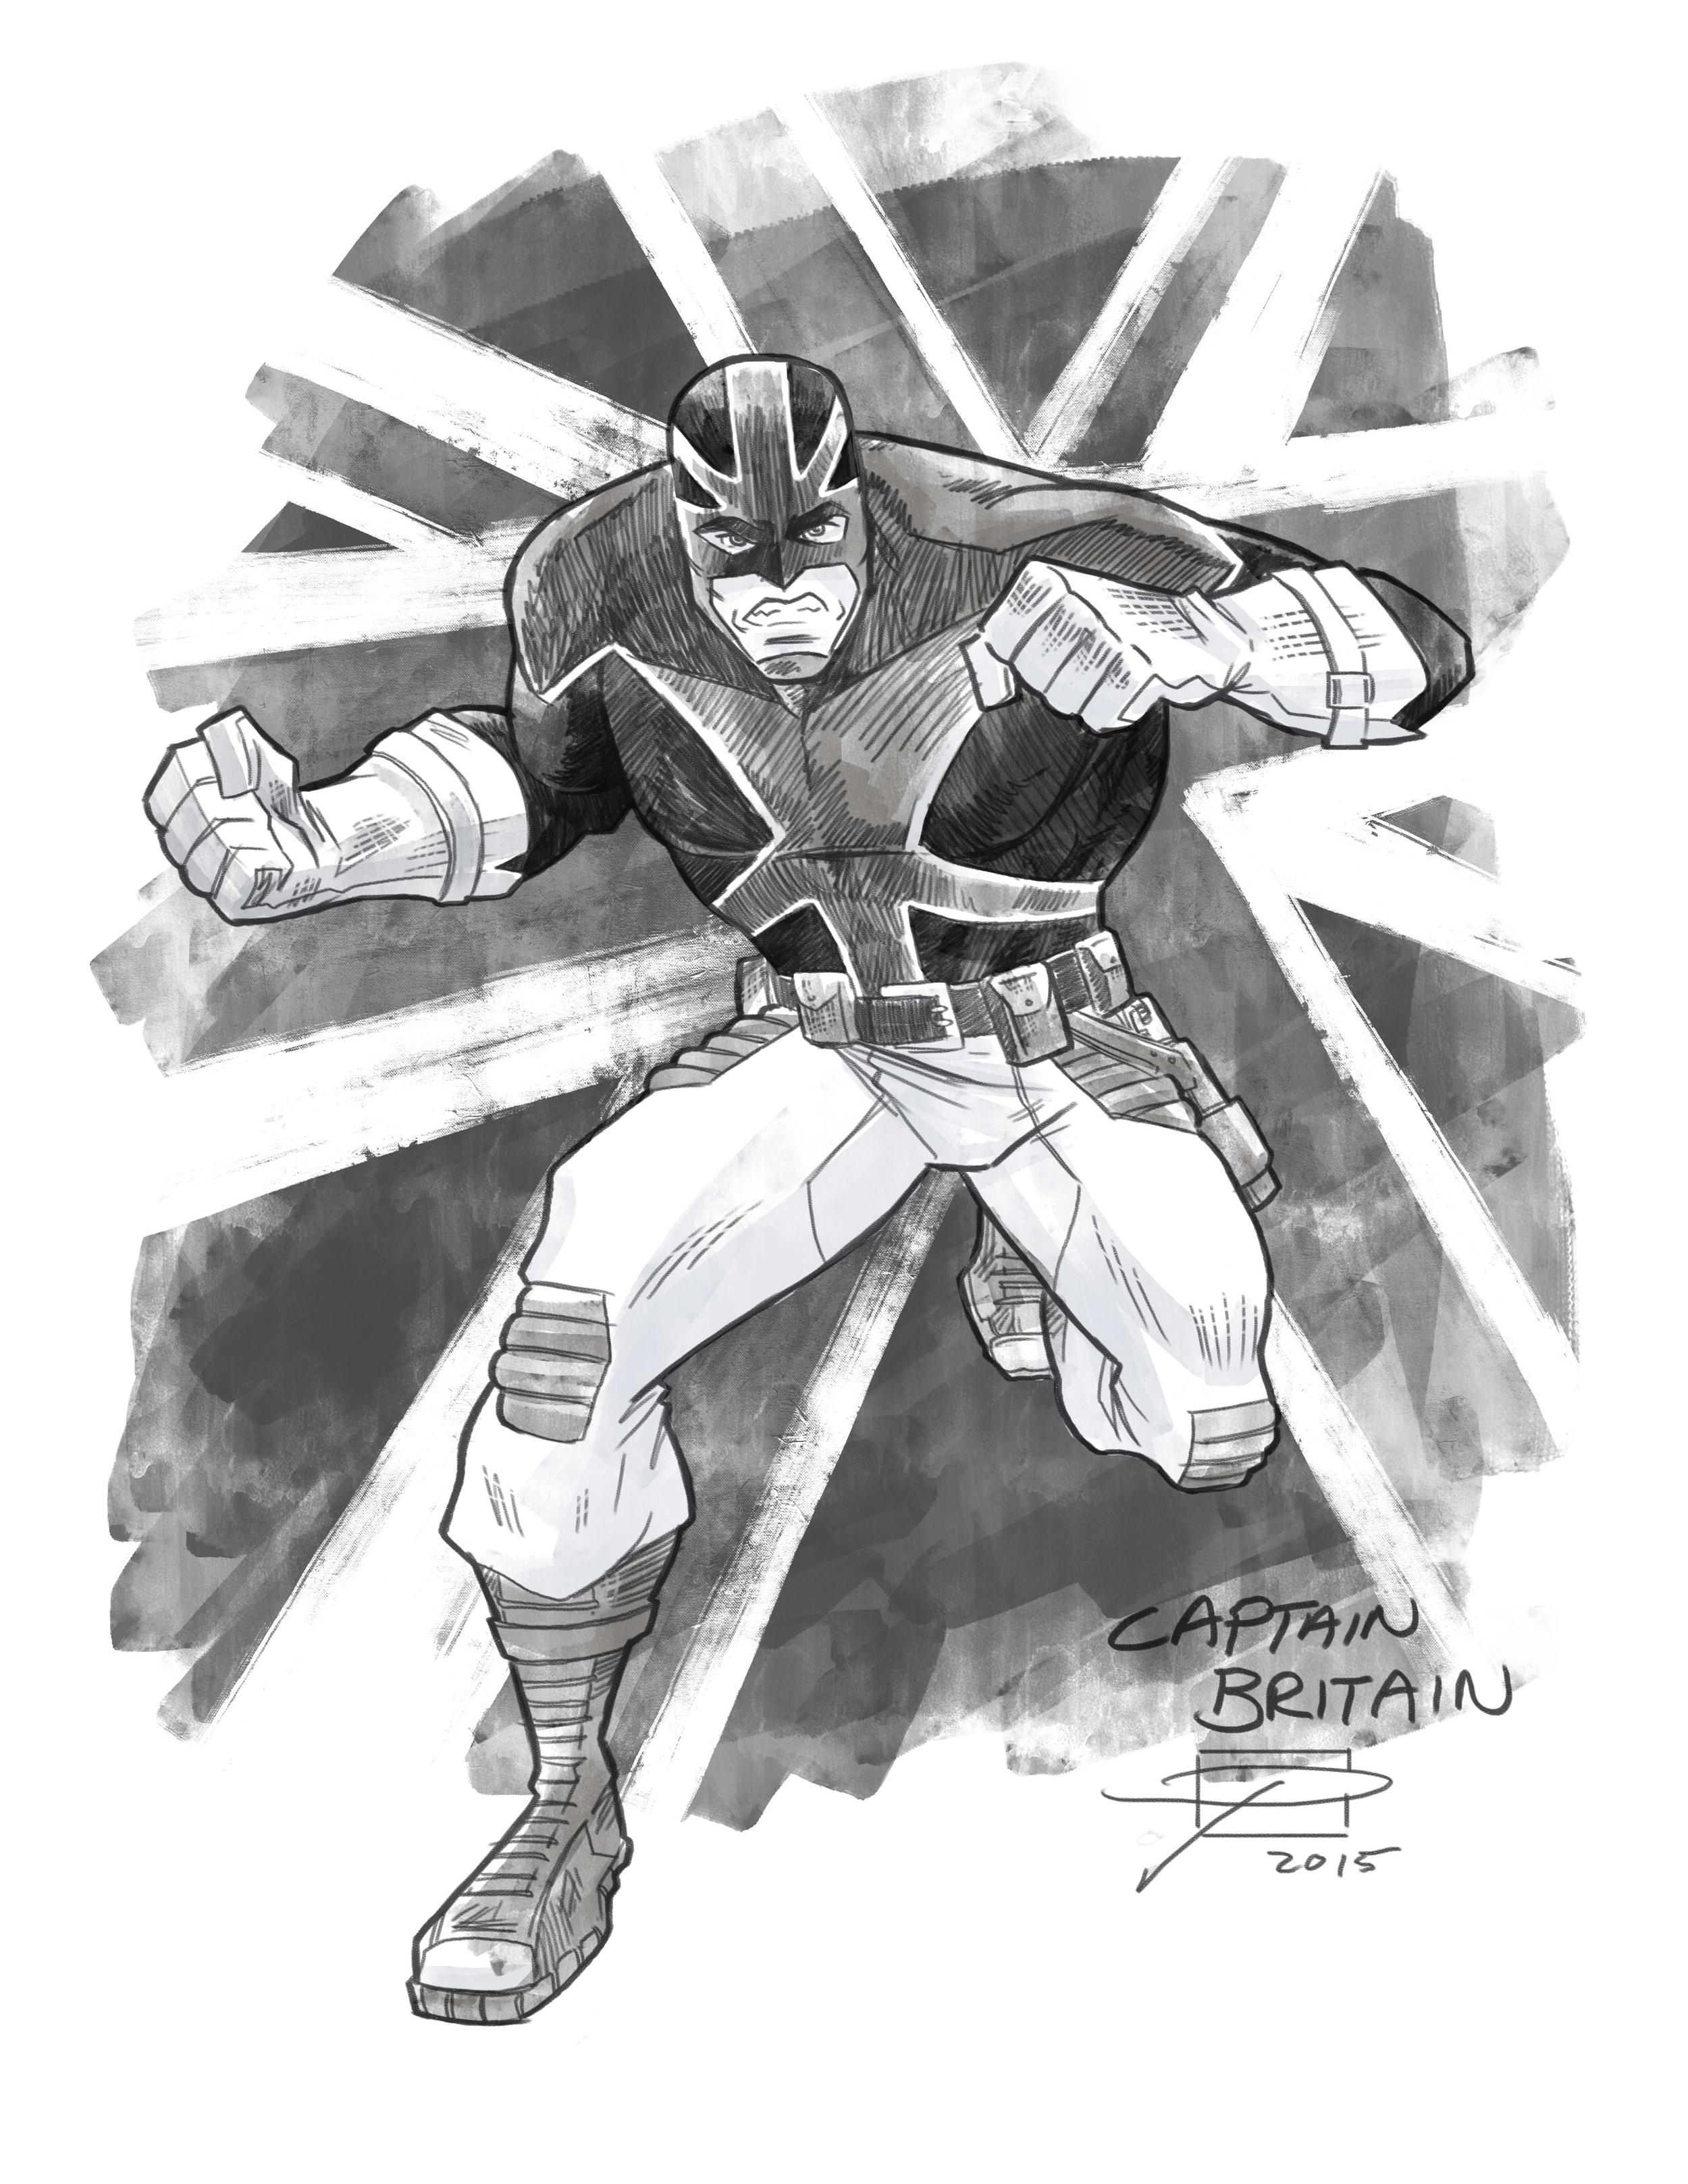 Captain Britain.jpg